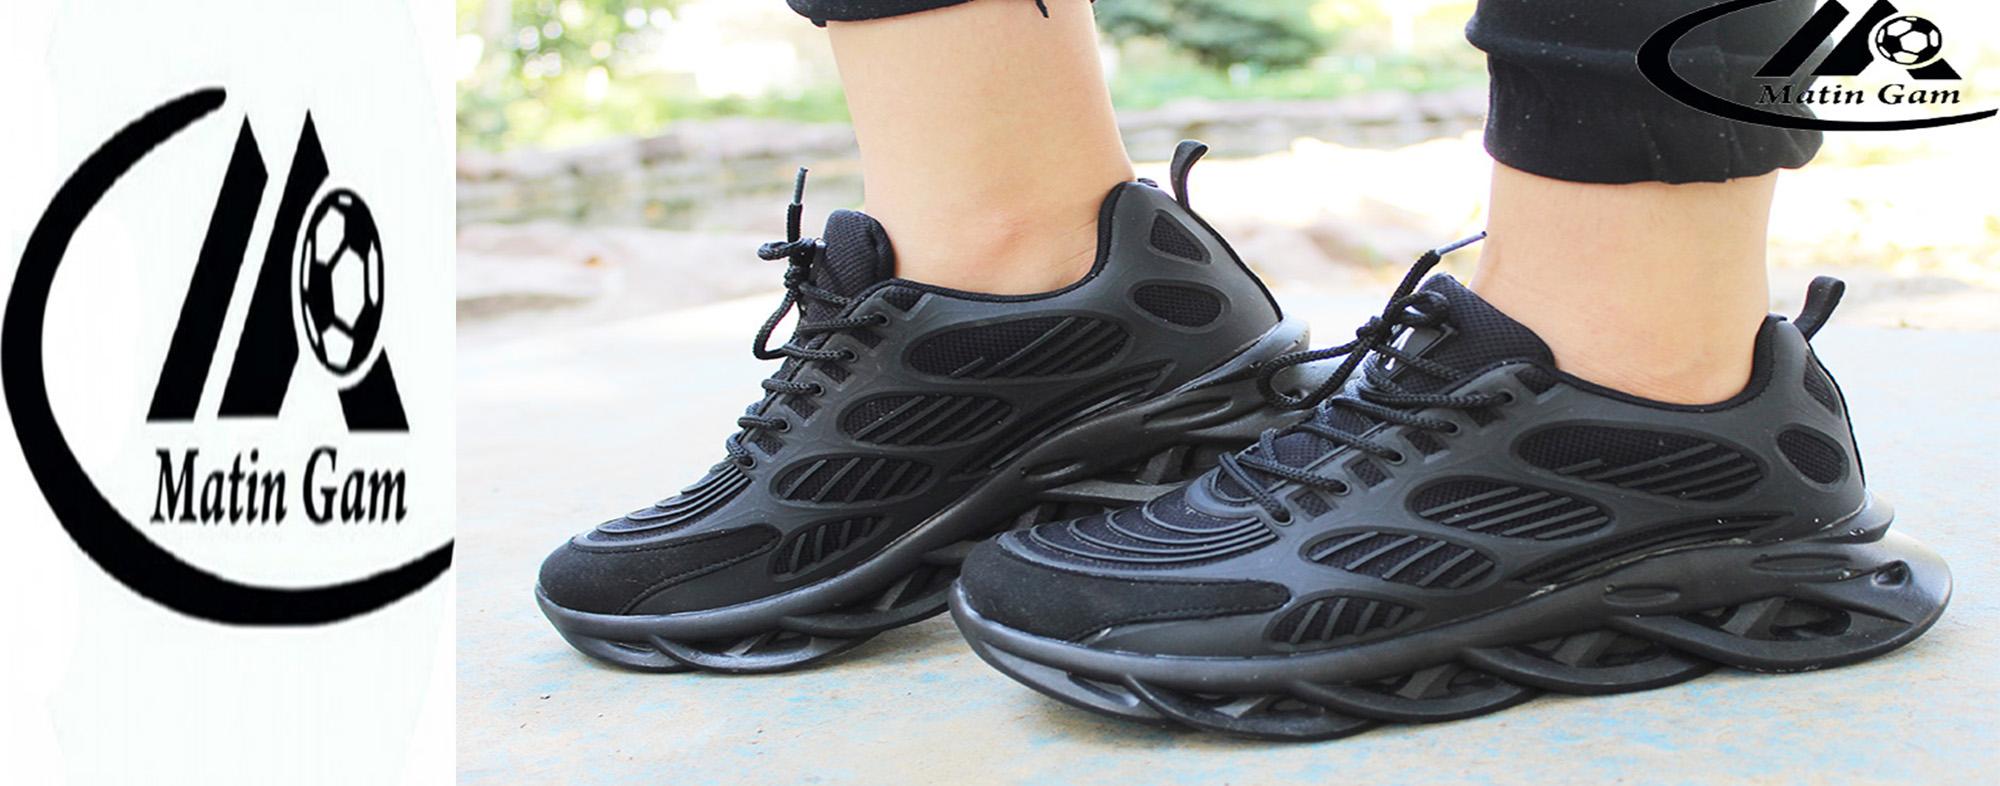 کفش متین گام